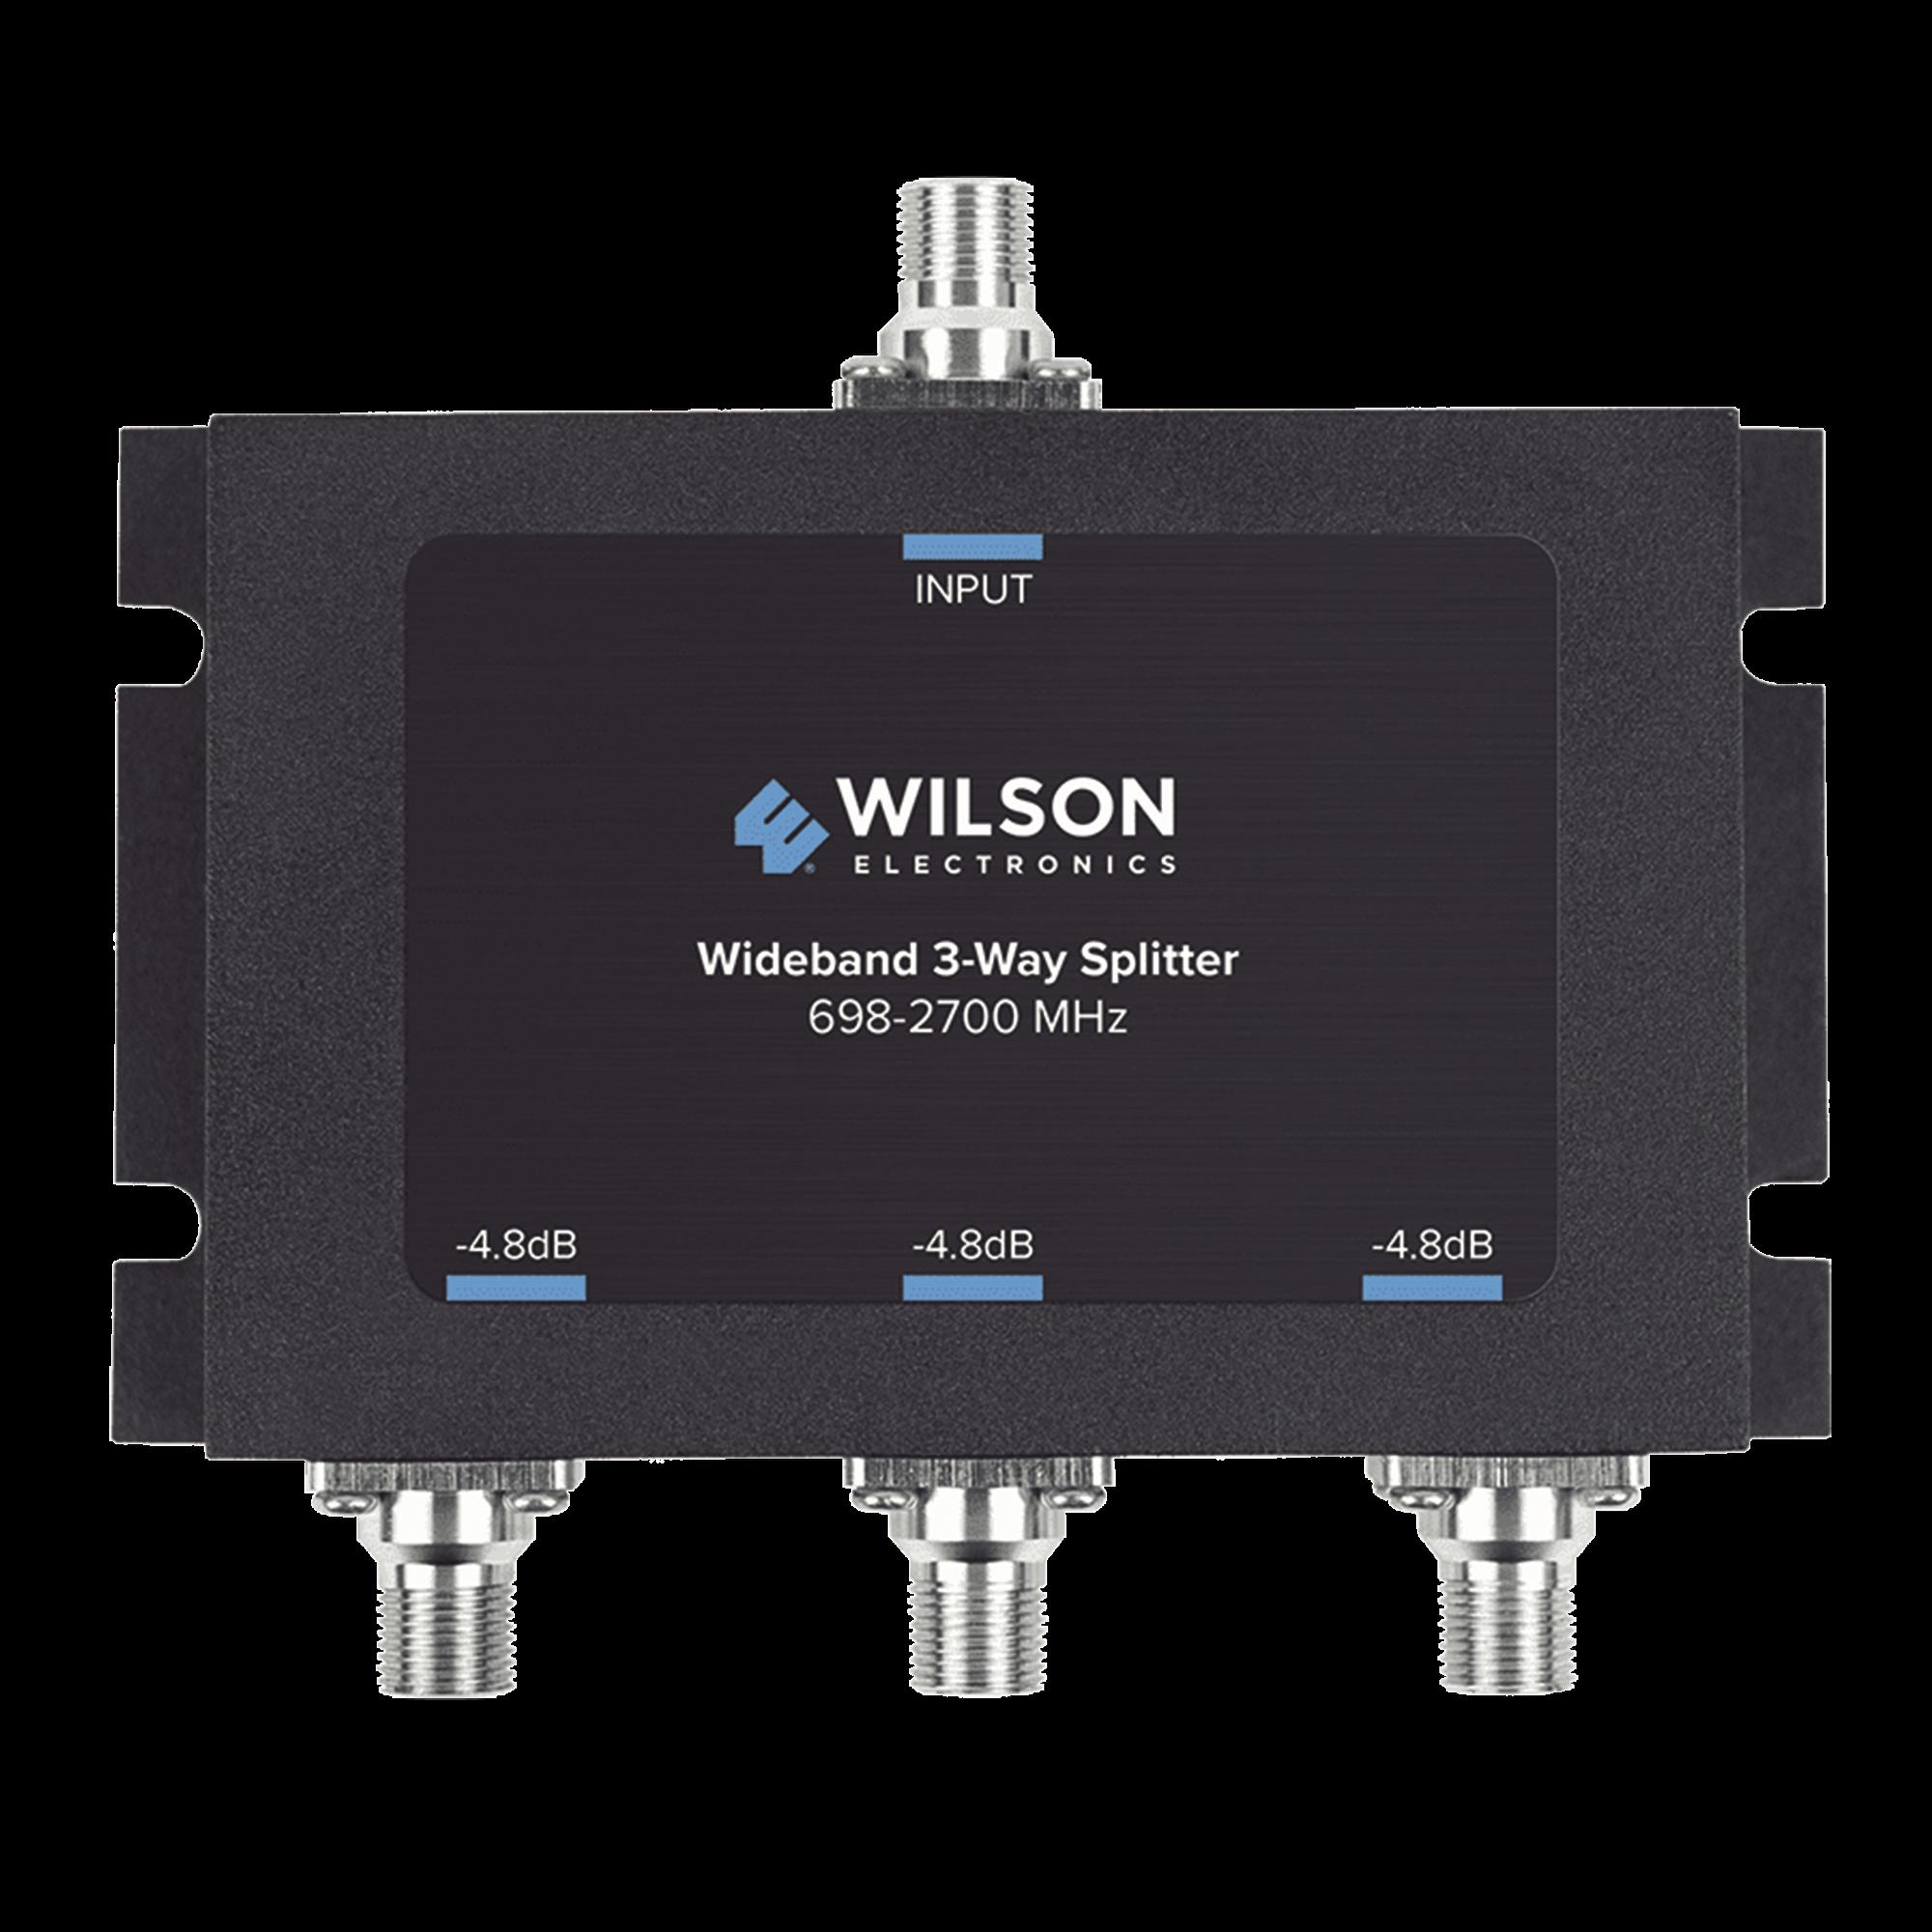 Divisor de potencia de 3 vías para la distribución de señal a tres antenas de servicio | 4.8 dB de pérdida por puerto | Conectores F hembra